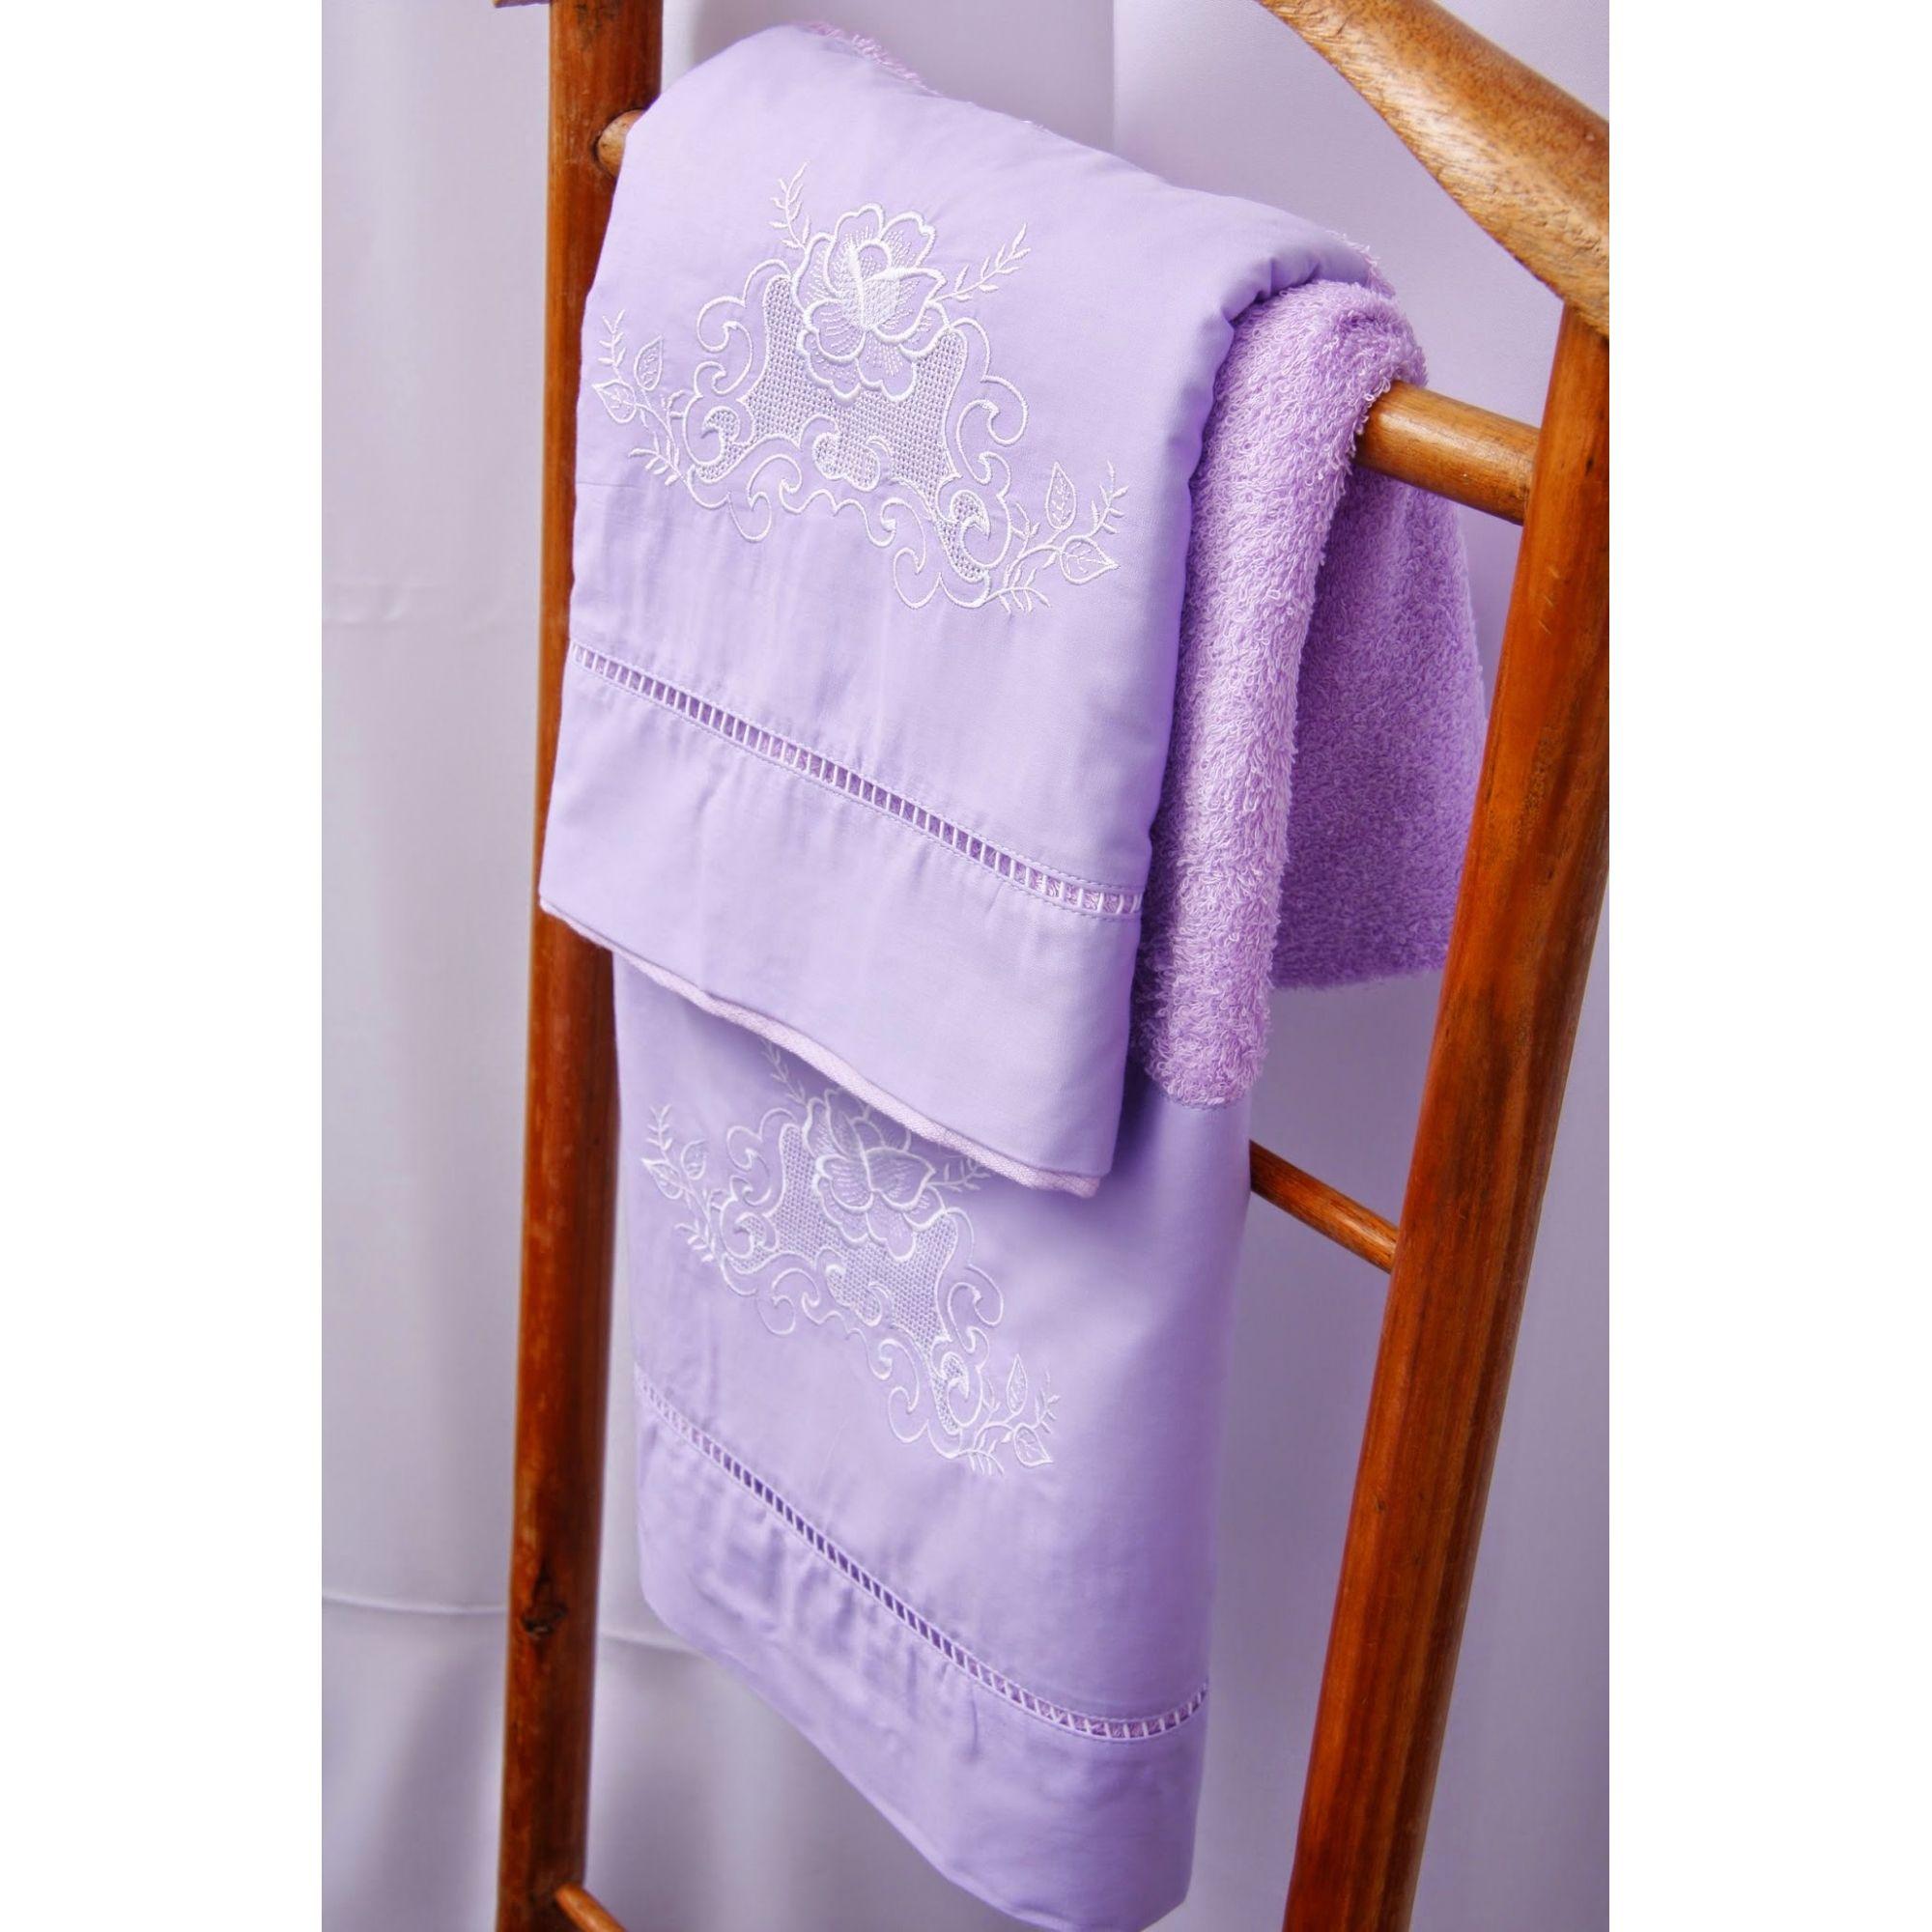 Jogo de Banho 3 peças Palito Crivo II lilás/branco  - Helô Reis Store